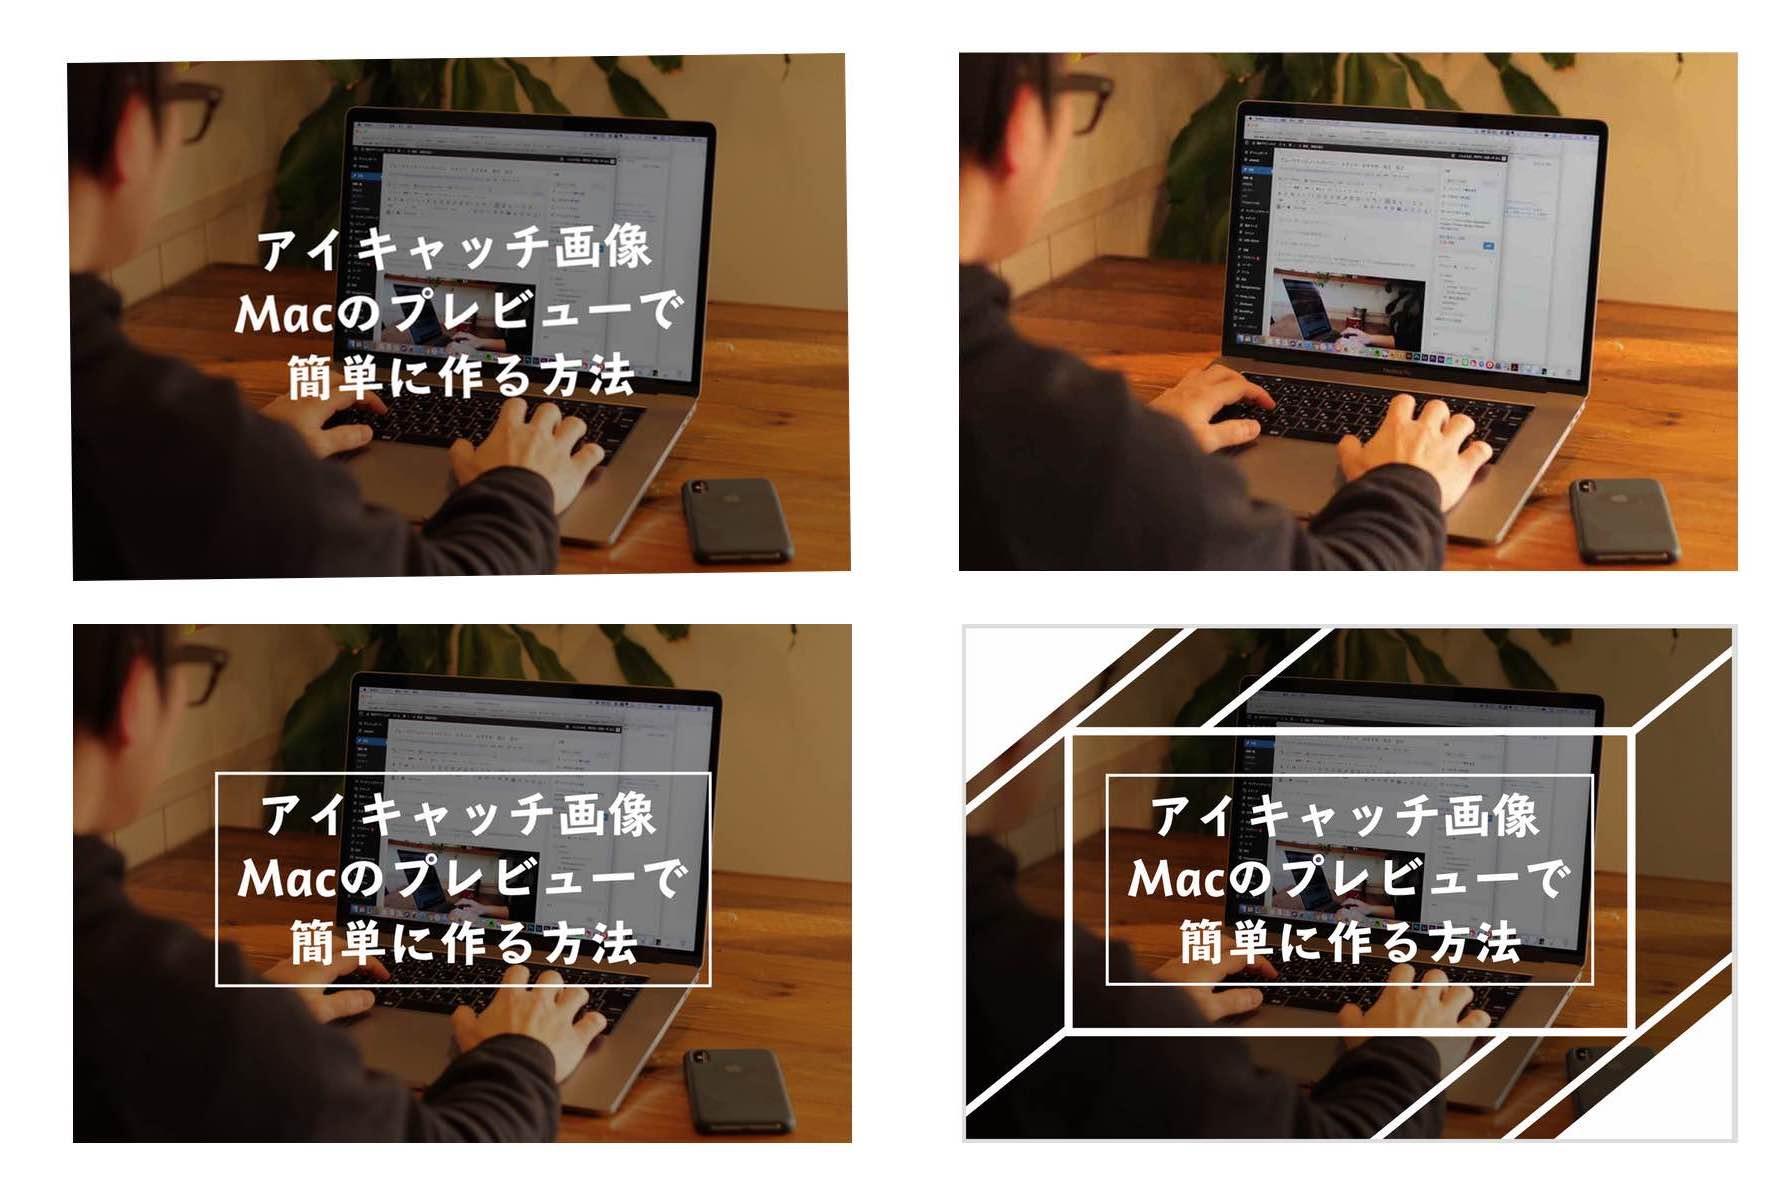 Macのプレビューで作成したアイキャッチ画像の比較の画像